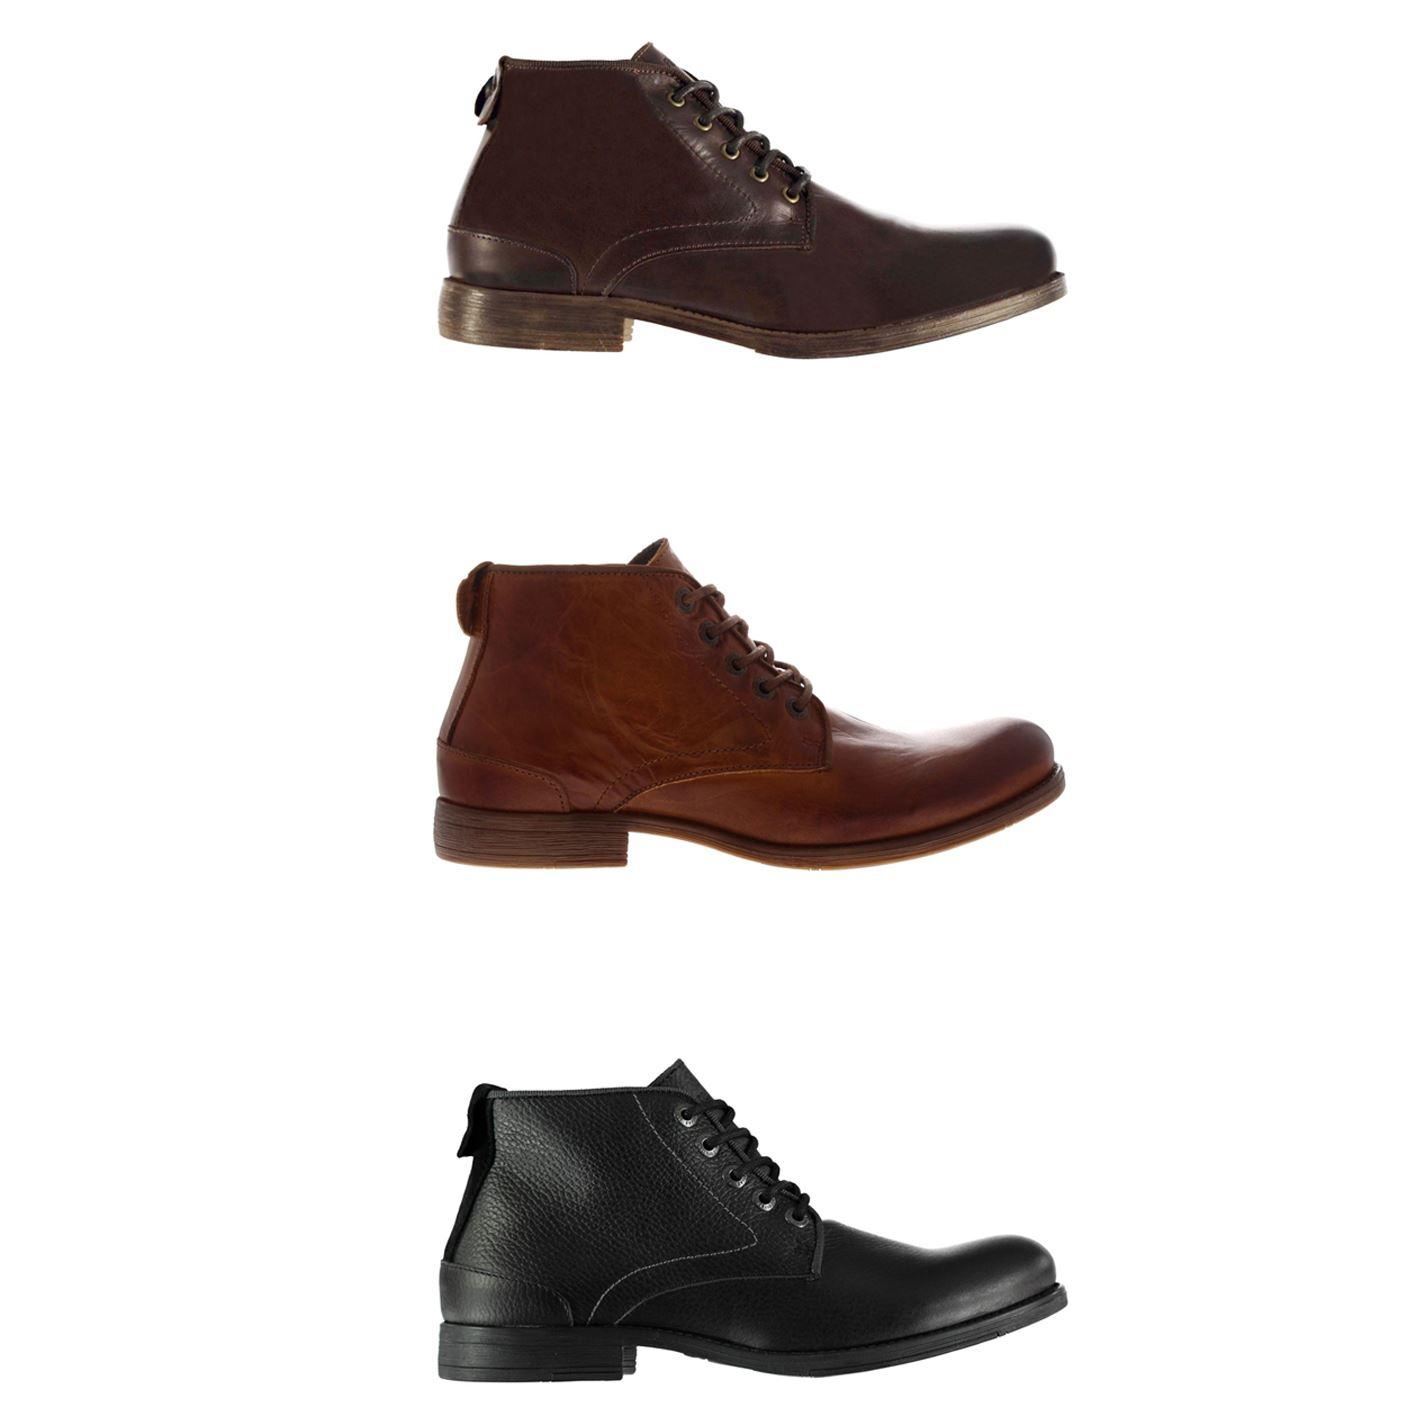 Firetrap Casca Ankle Boots Mens Shoes